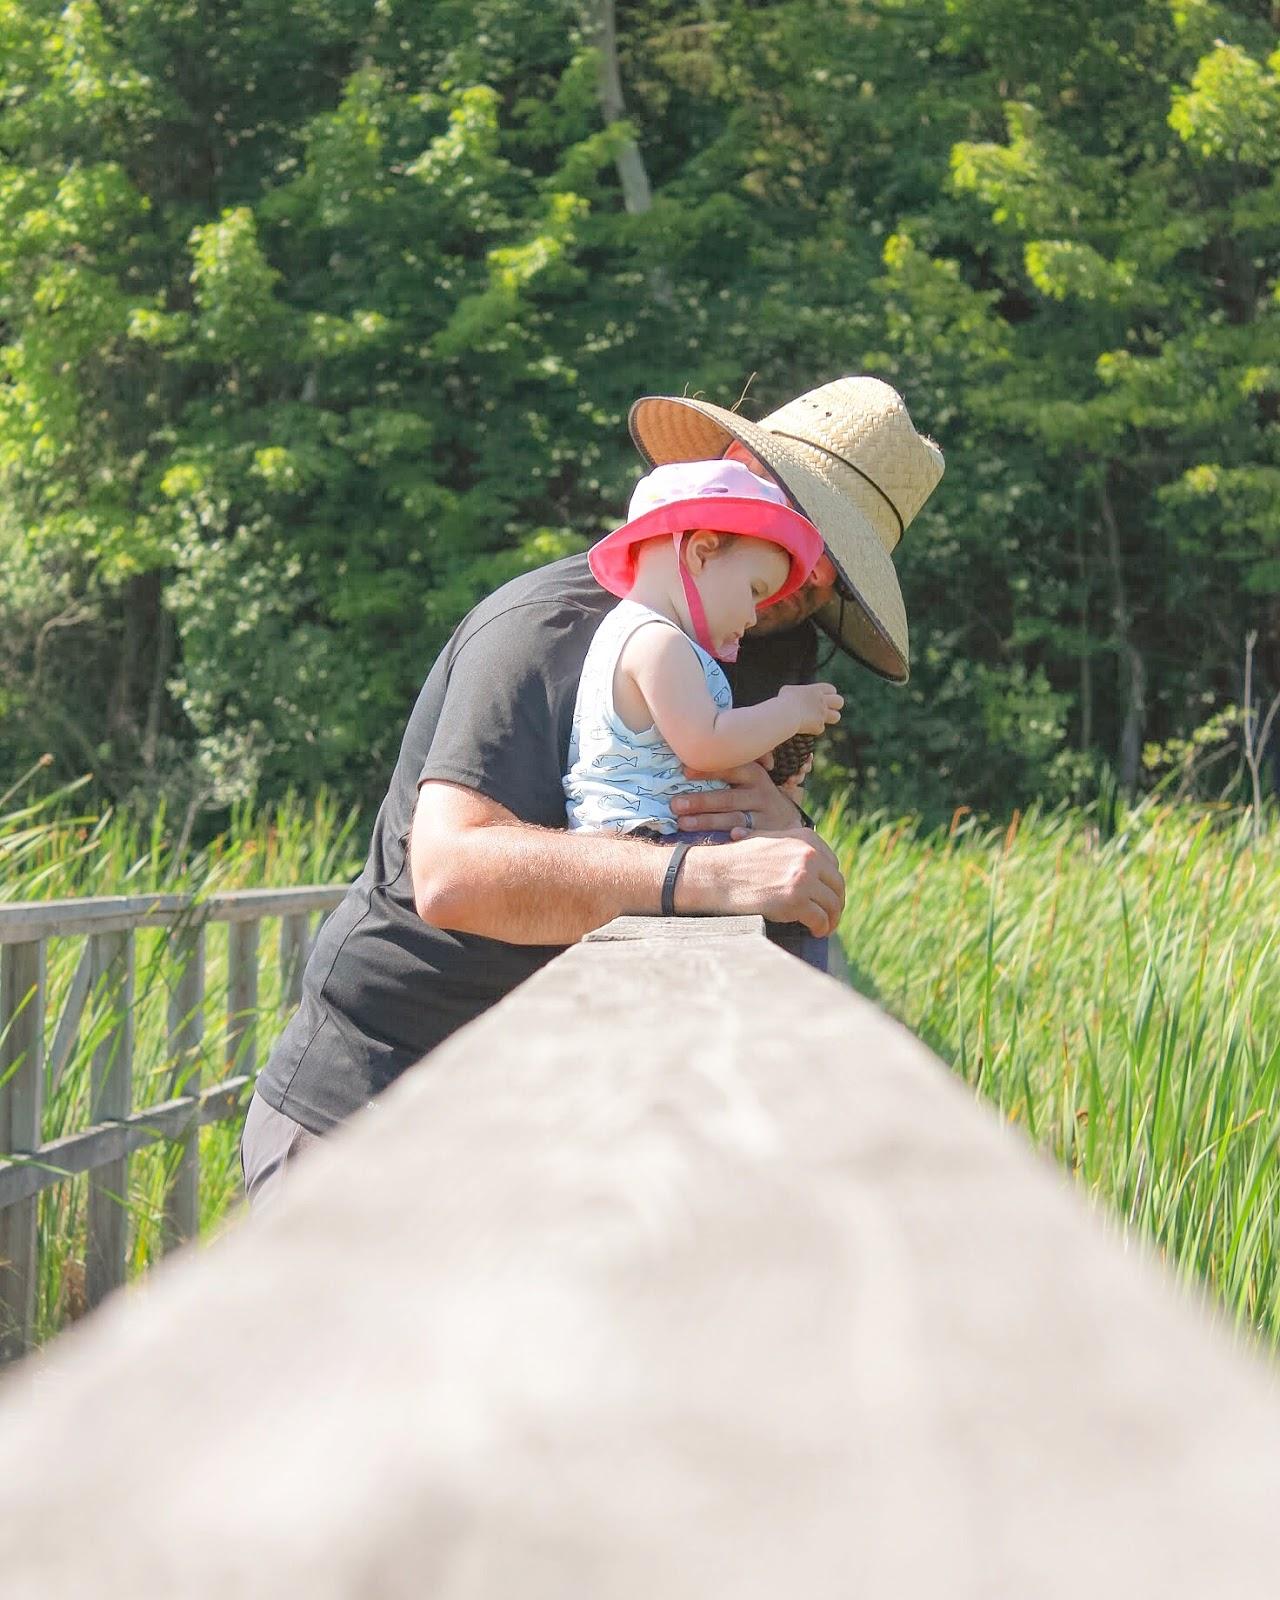 Family friendly camping at Awenda Provincial Park, Ontario